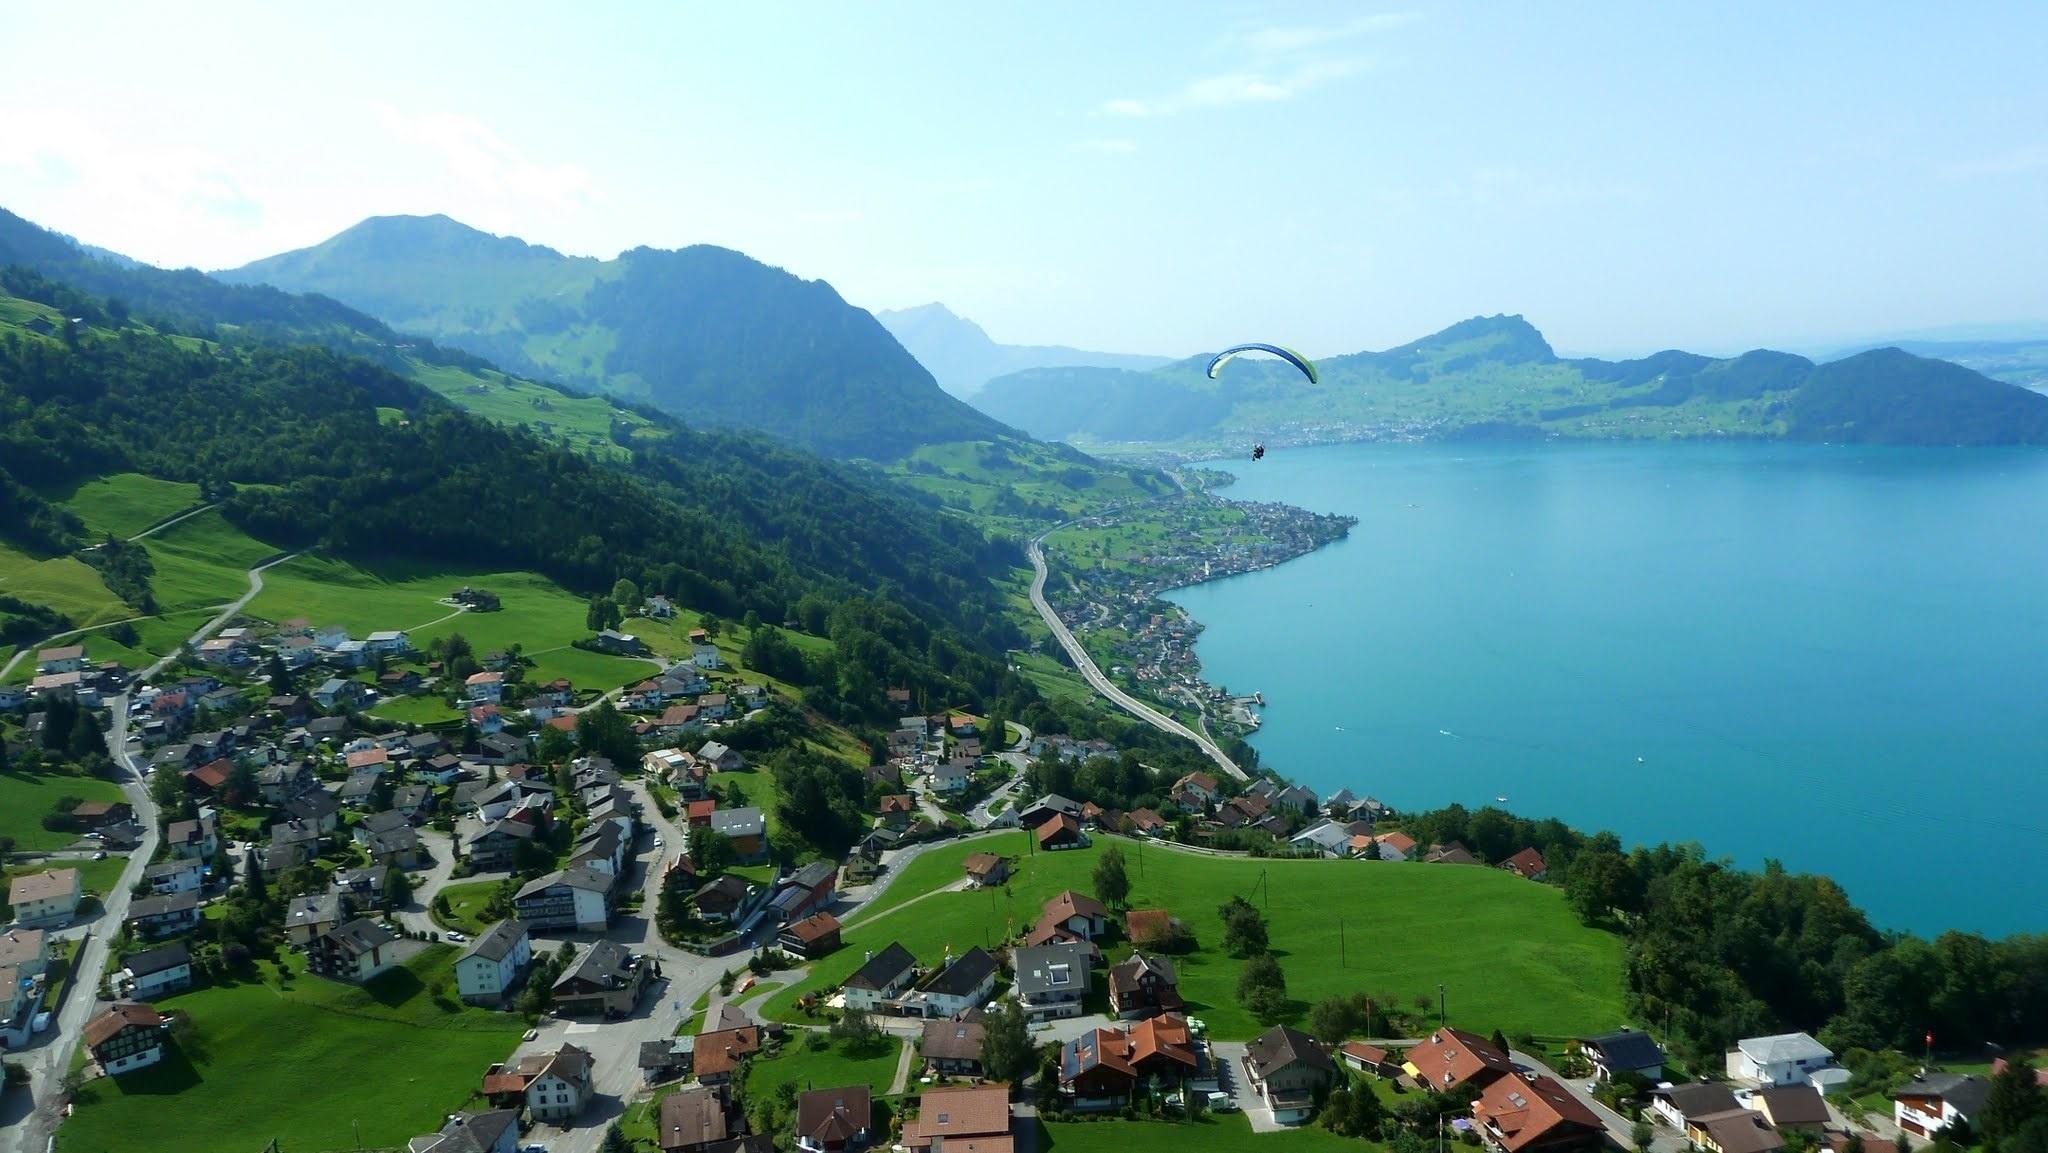 Emmetten, Canton of Nidwalden, Switzerland